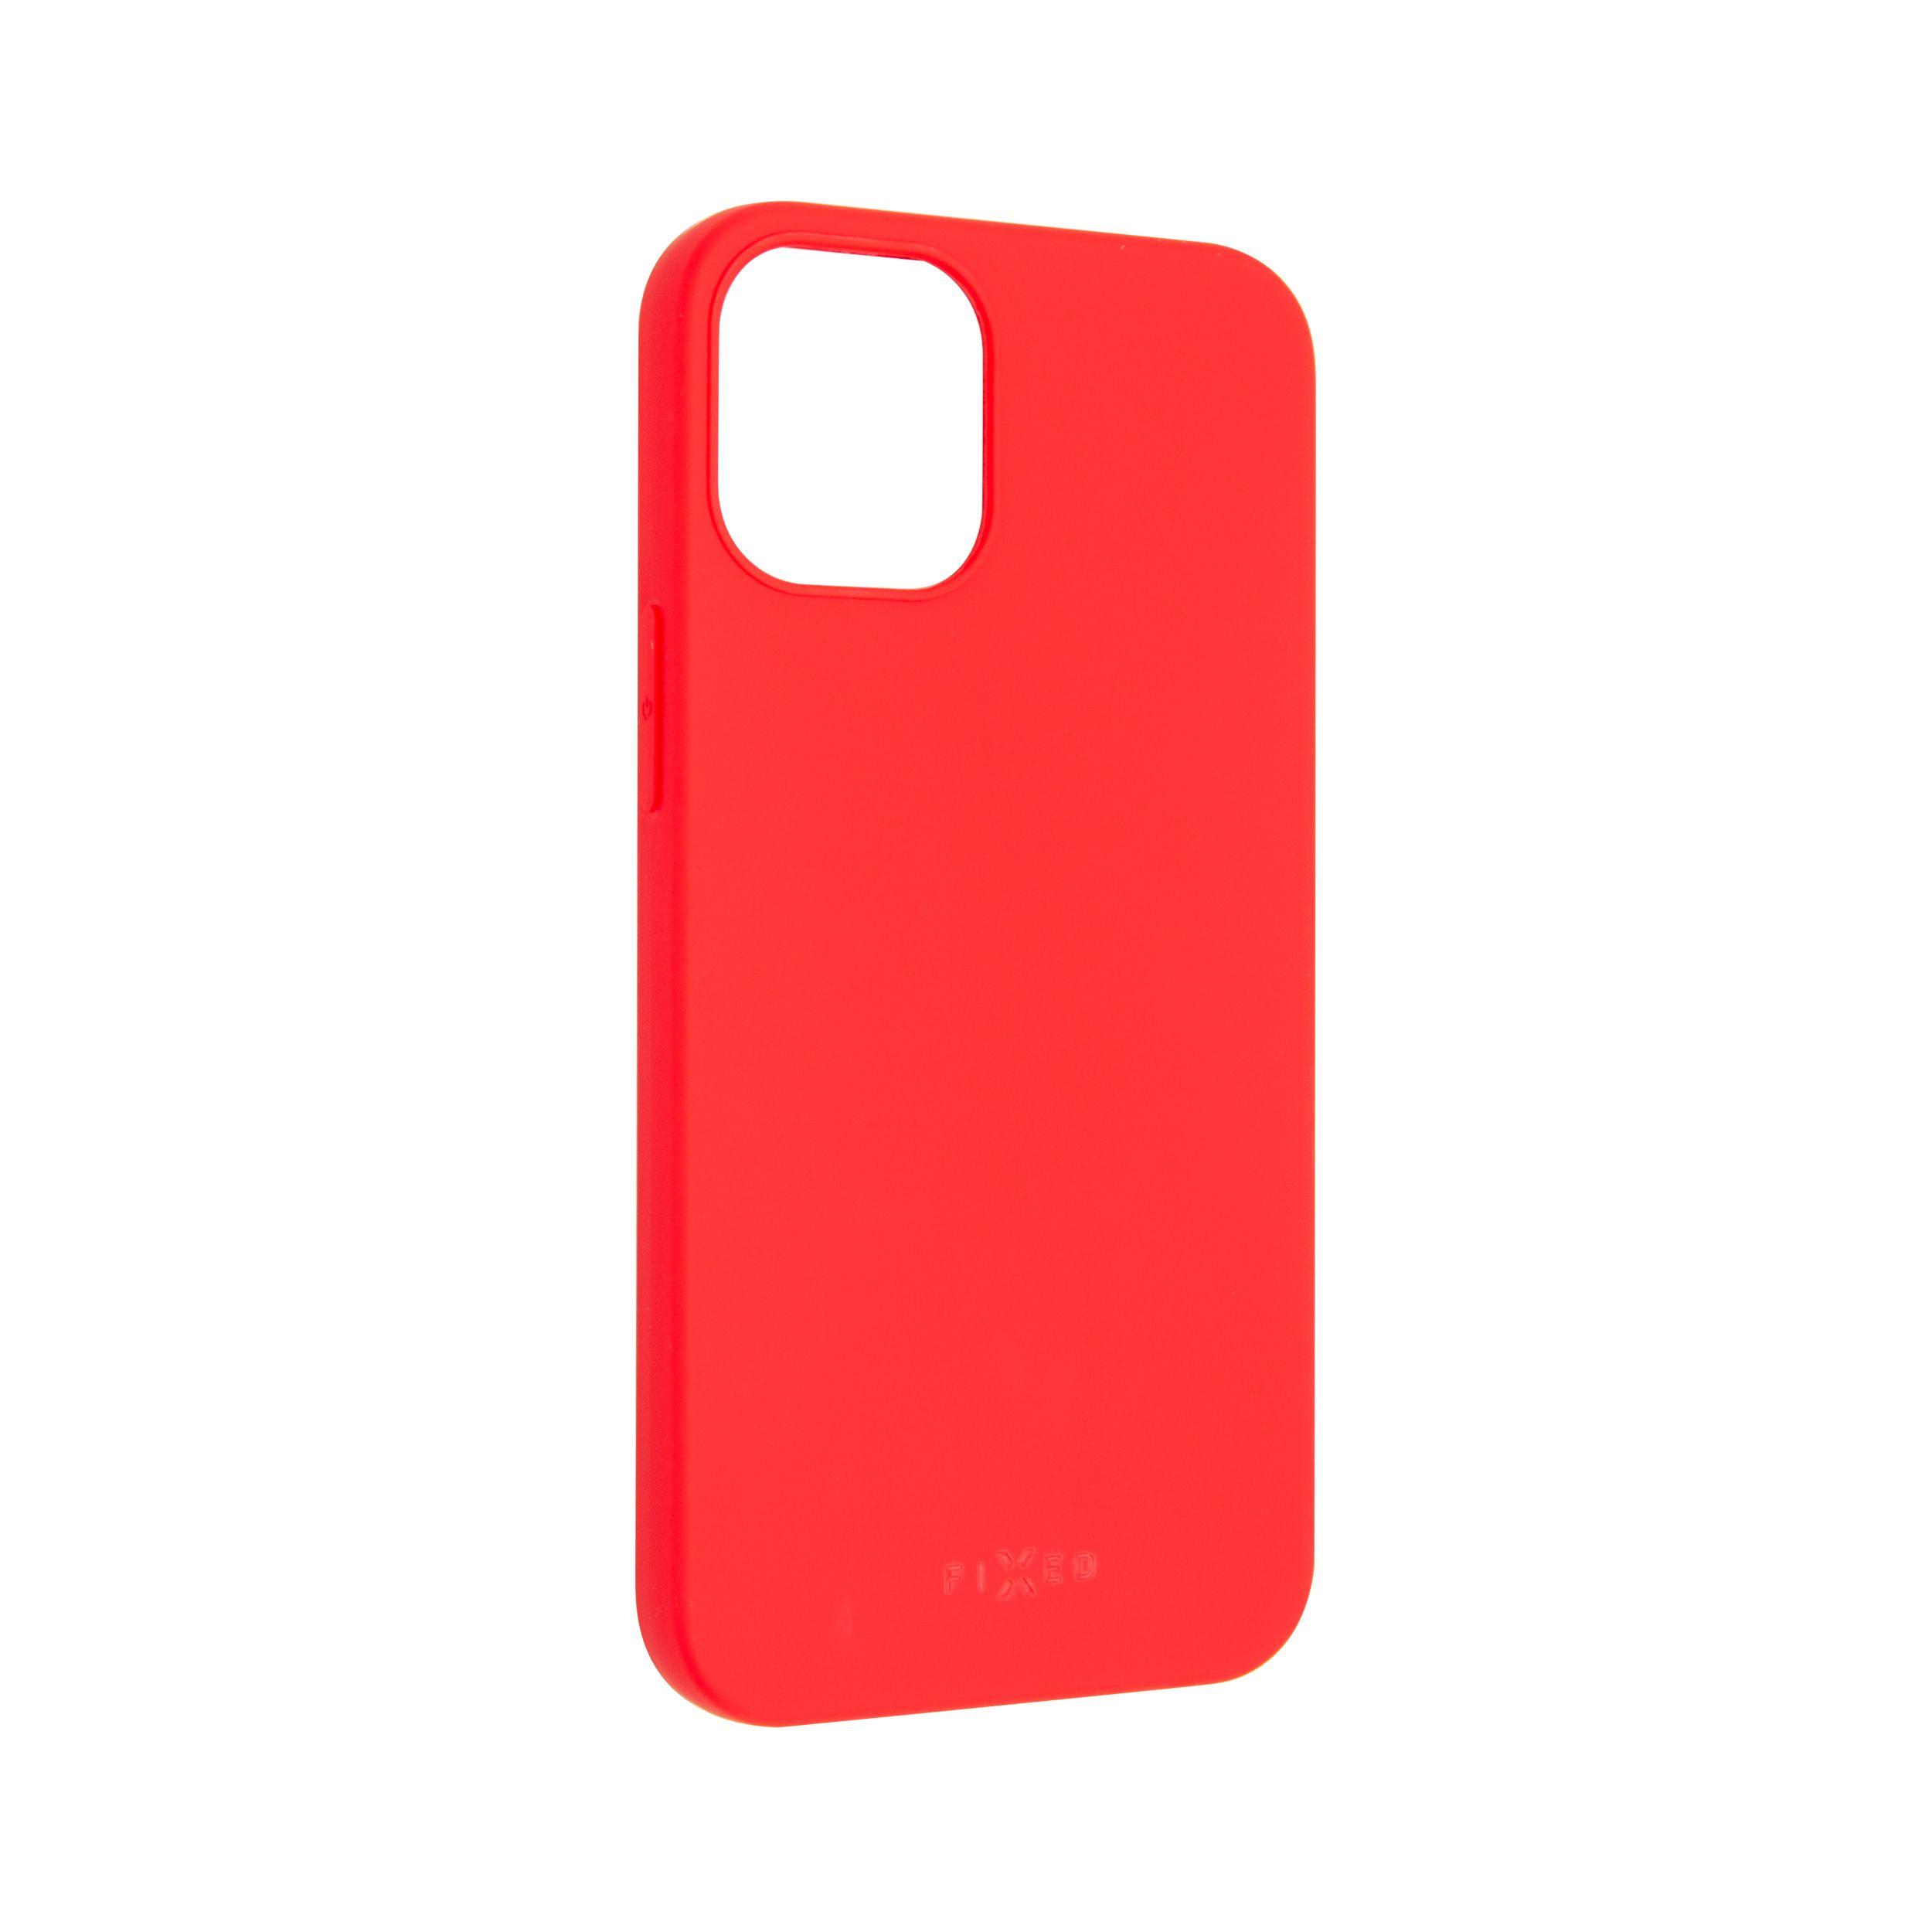 Zadní pogumovaný kryt FIXED Story pro Apple iPhone 12, červený